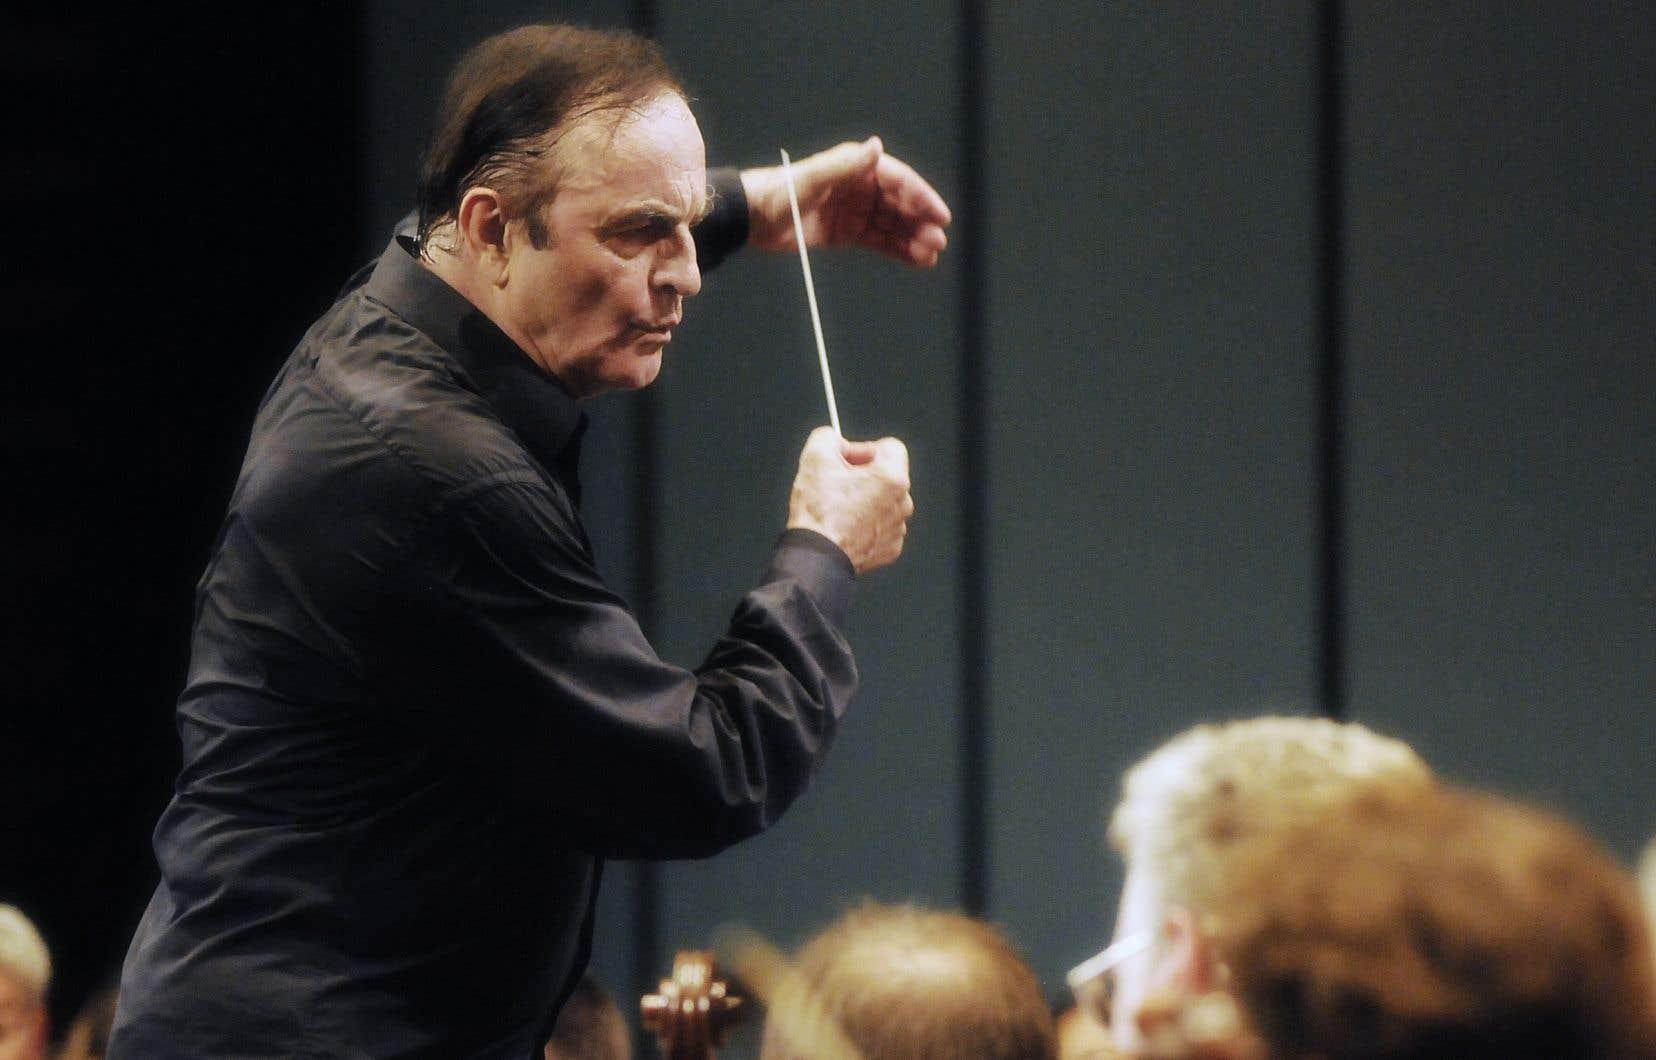 Trois chanteuses d'opéra et une musicienne soutiennent que Charles Dutoit les a agressées sexuellement de 1985 à 2010.